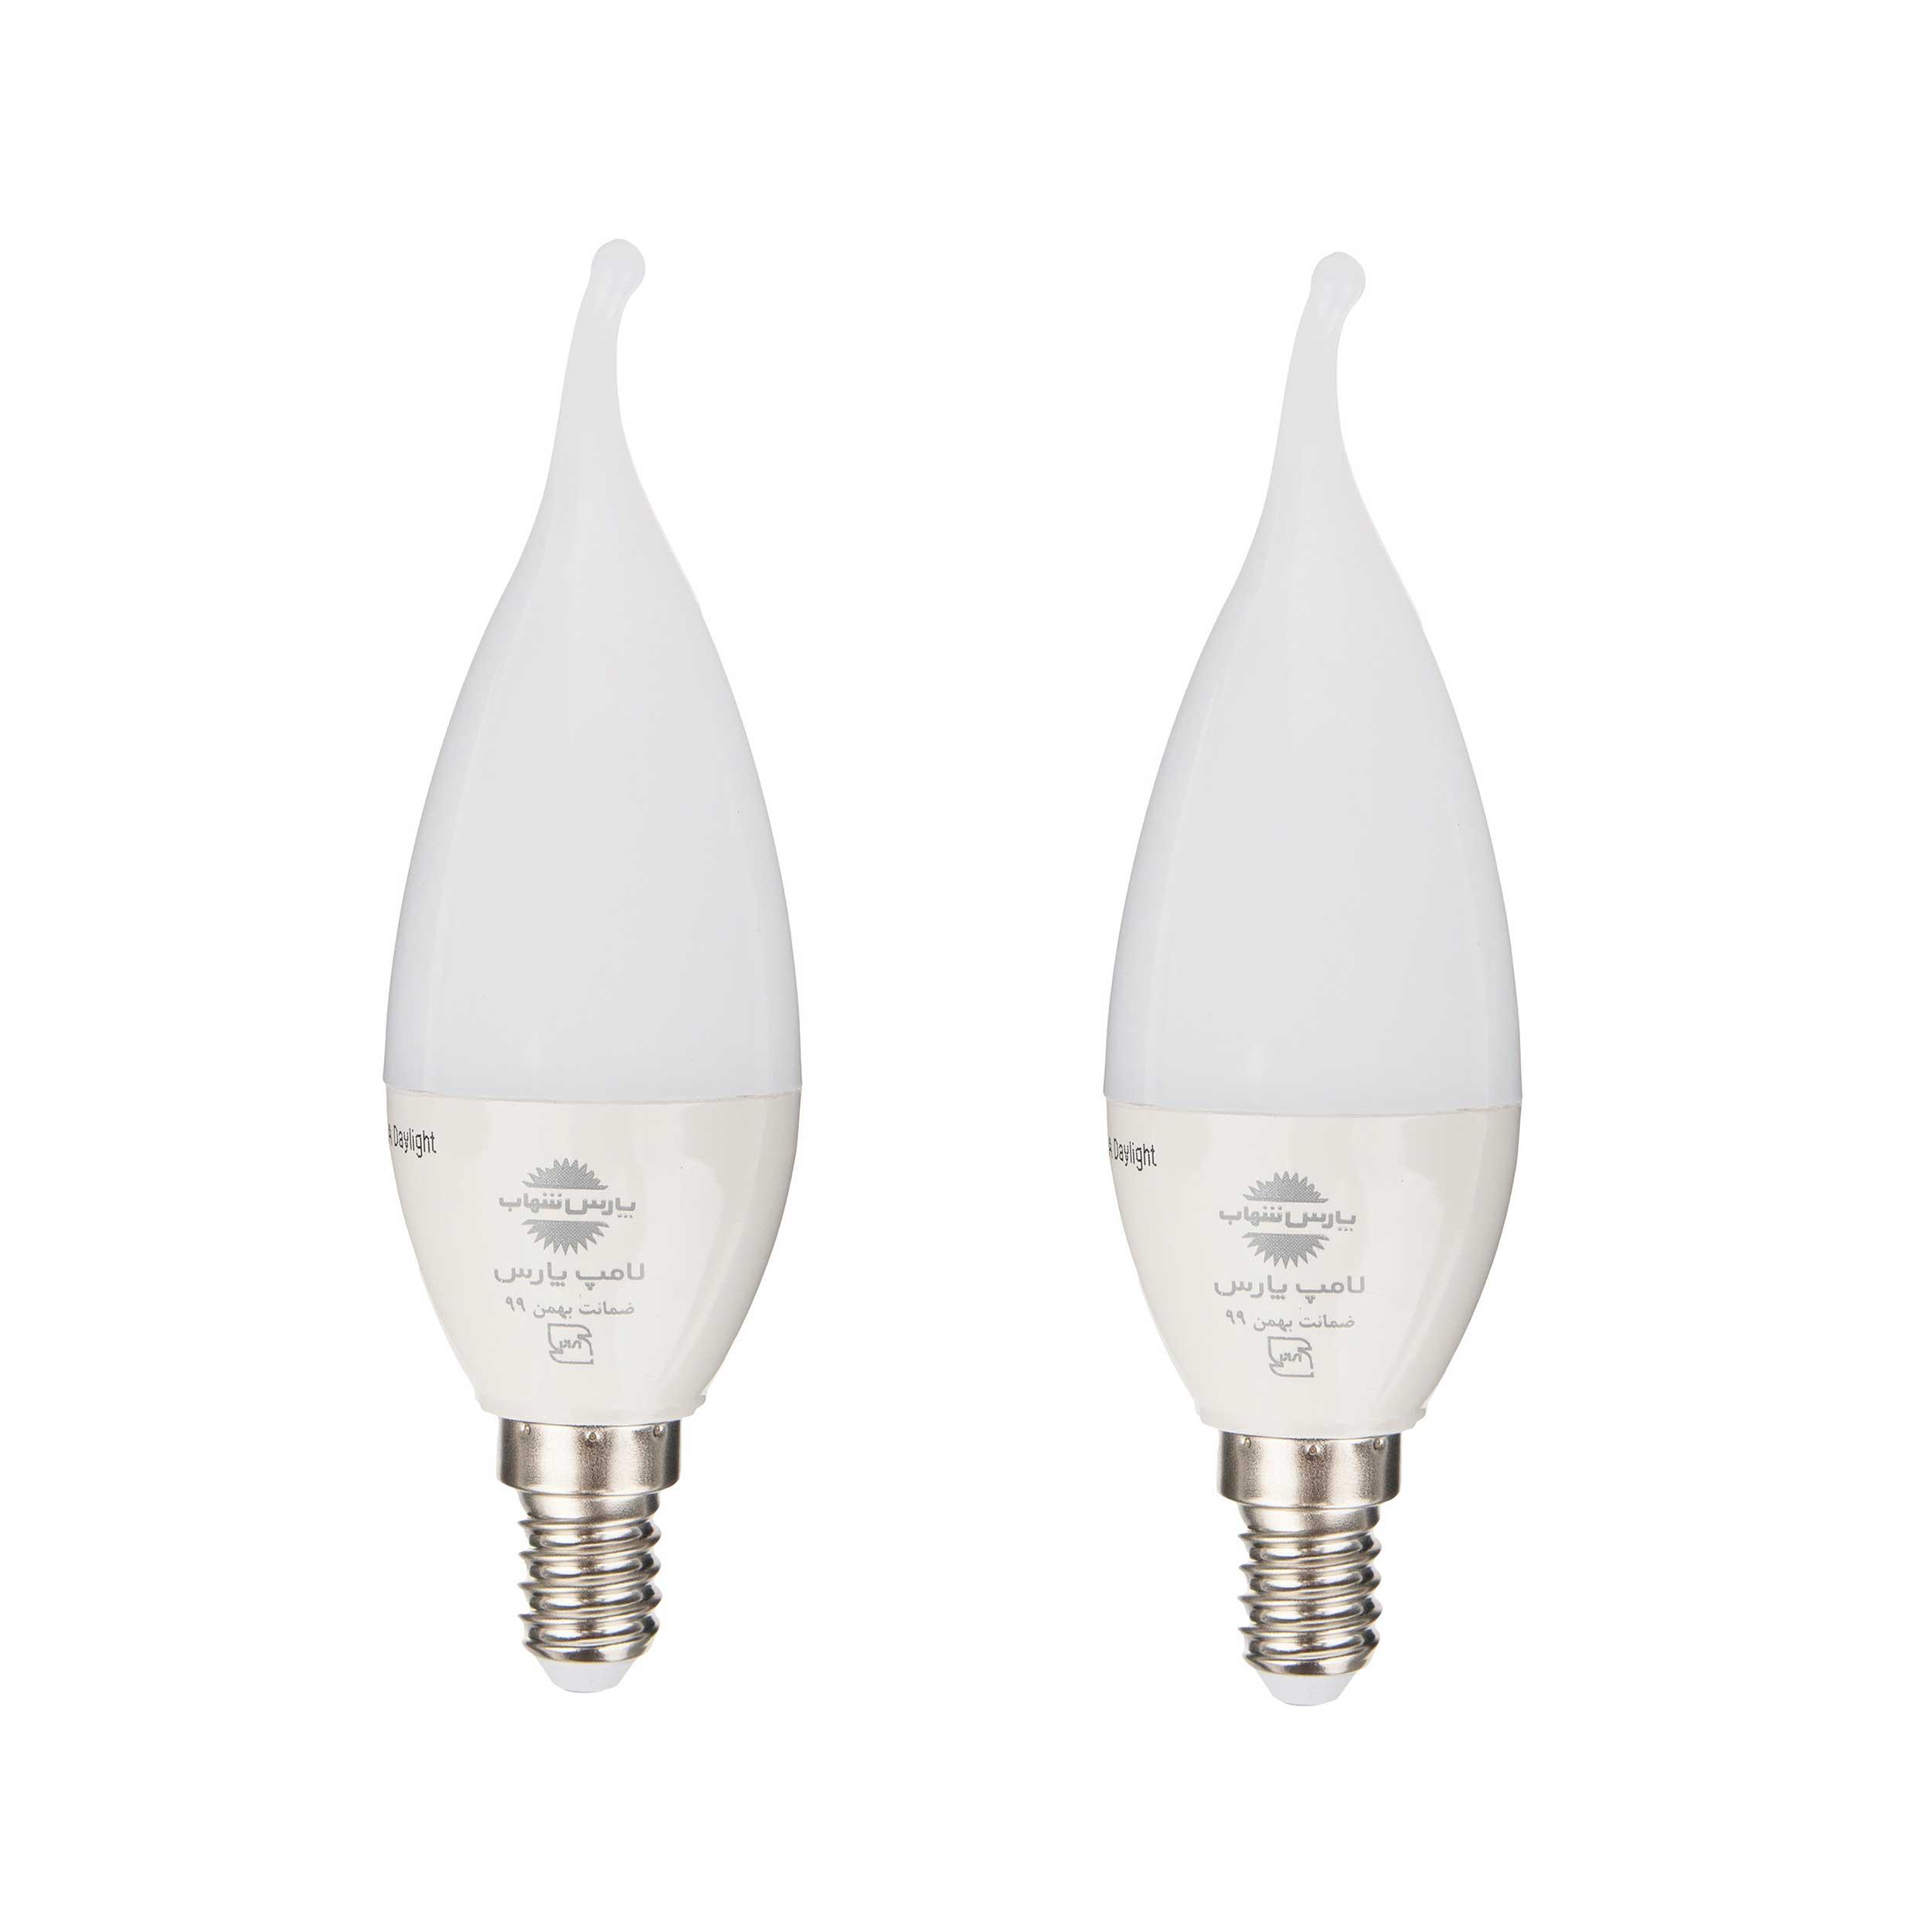 لامپ ال ای دی 6 وات دیمردار پارس شهاب مدل 001 پایه E14 بسته 2 عددی